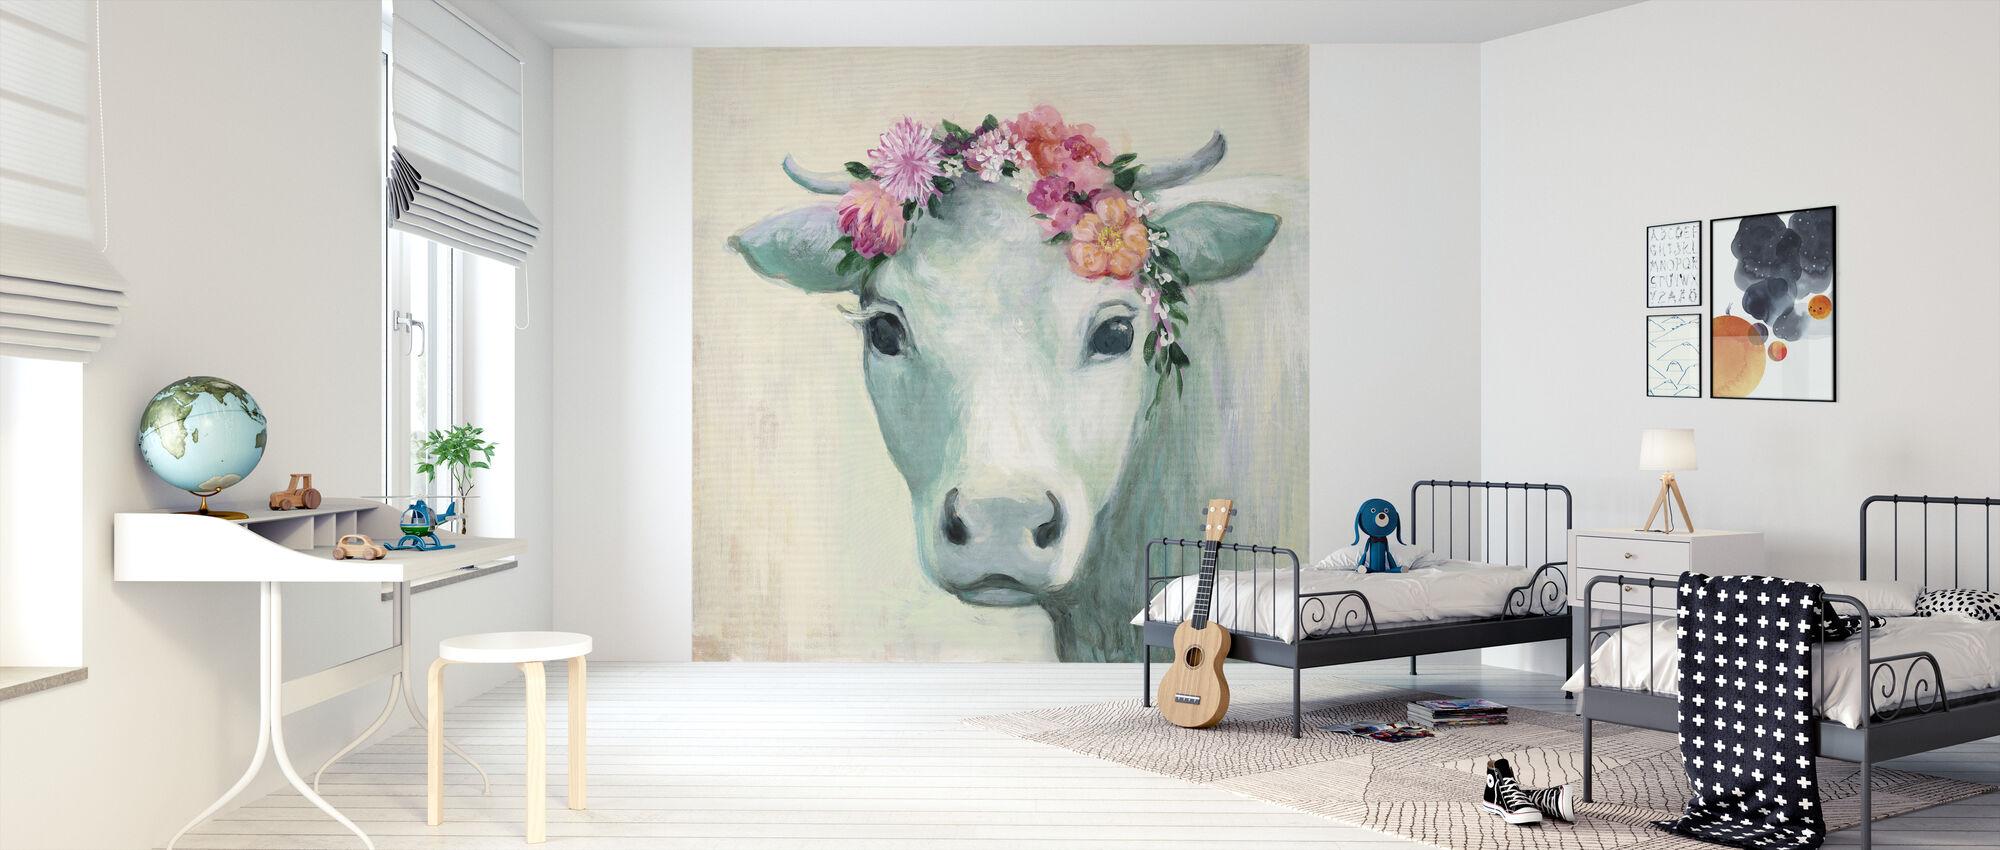 Festival Girl II - Wallpaper - Kids Room